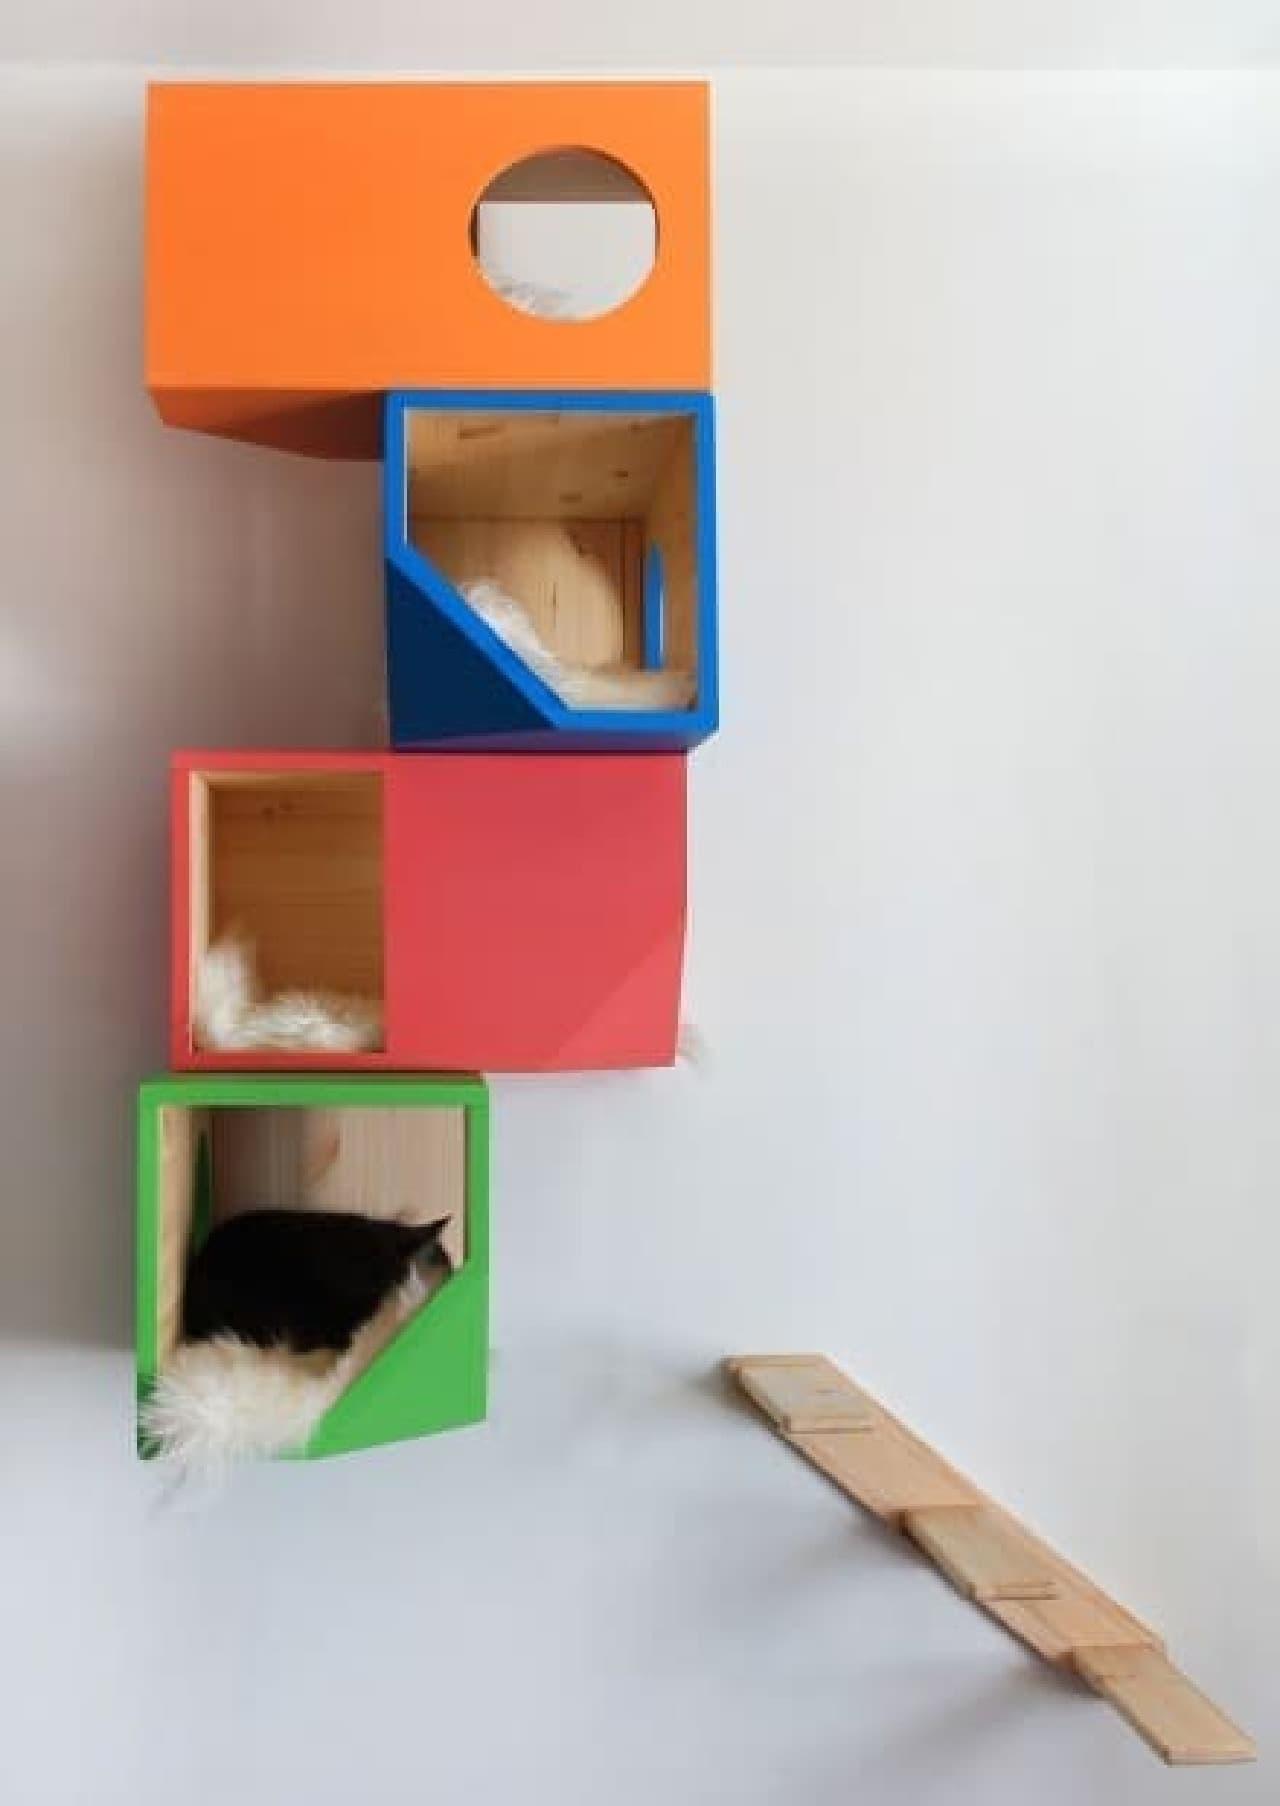 4階建てのネコのアパートをイメージして製作されたキャットタワー  「colorful house(カラフルハウス)」